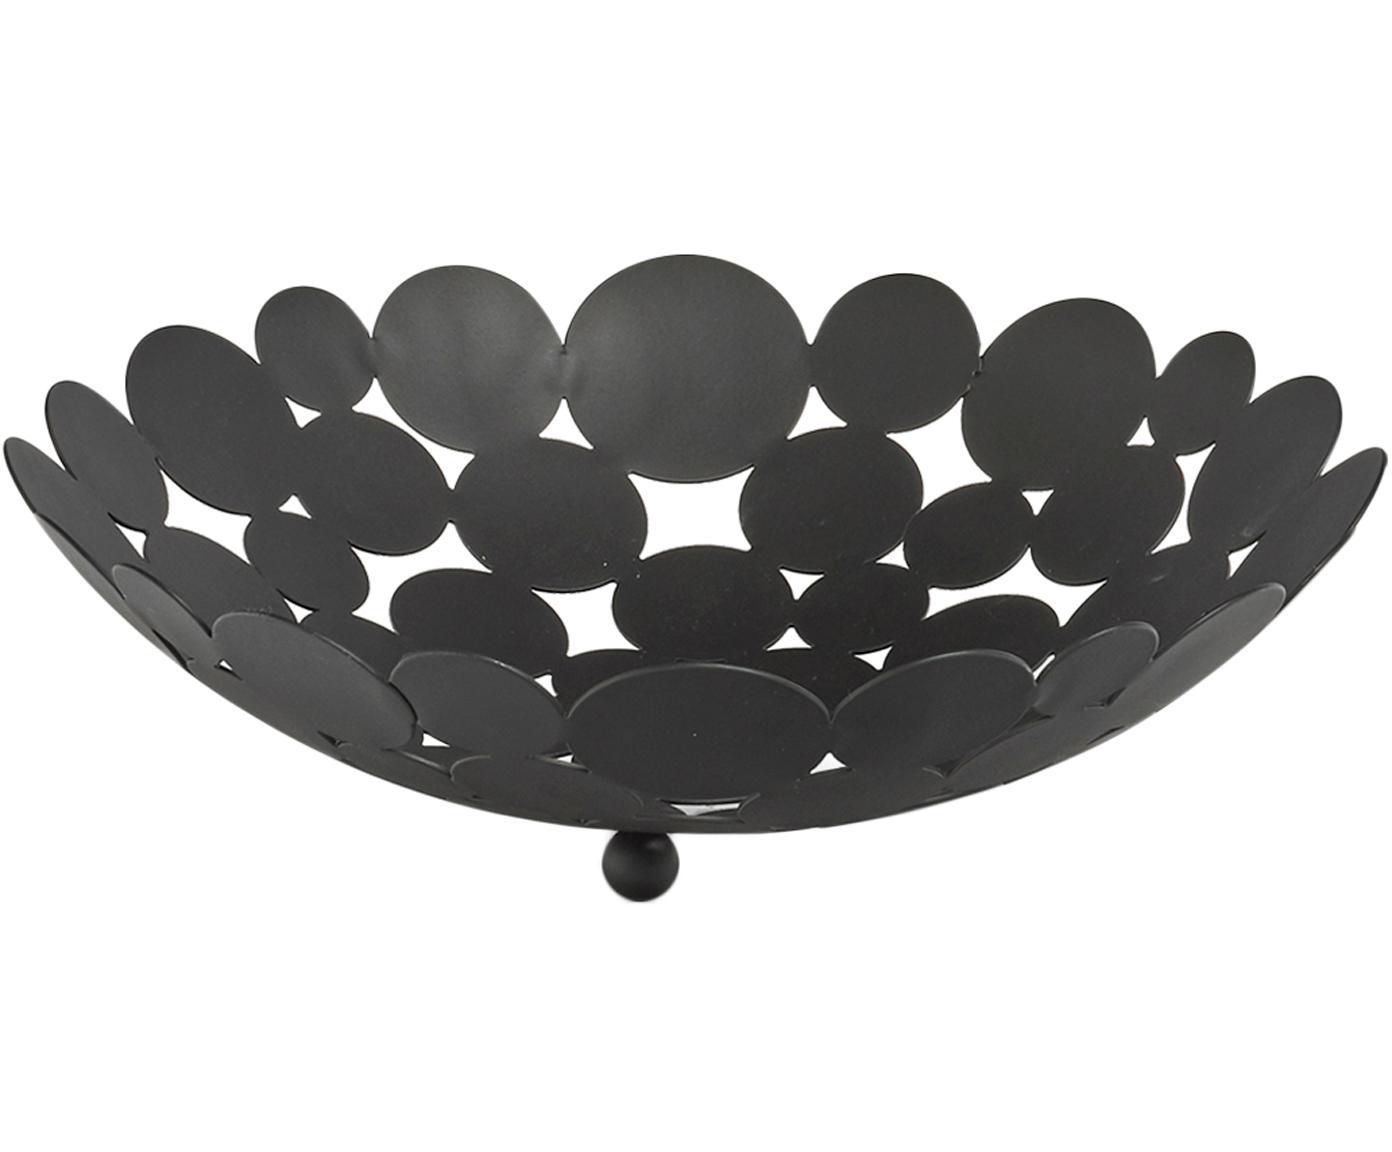 Miska do przechowywania Drops, Metal powlekany, Czarny, Ø 29 x W 9 cm